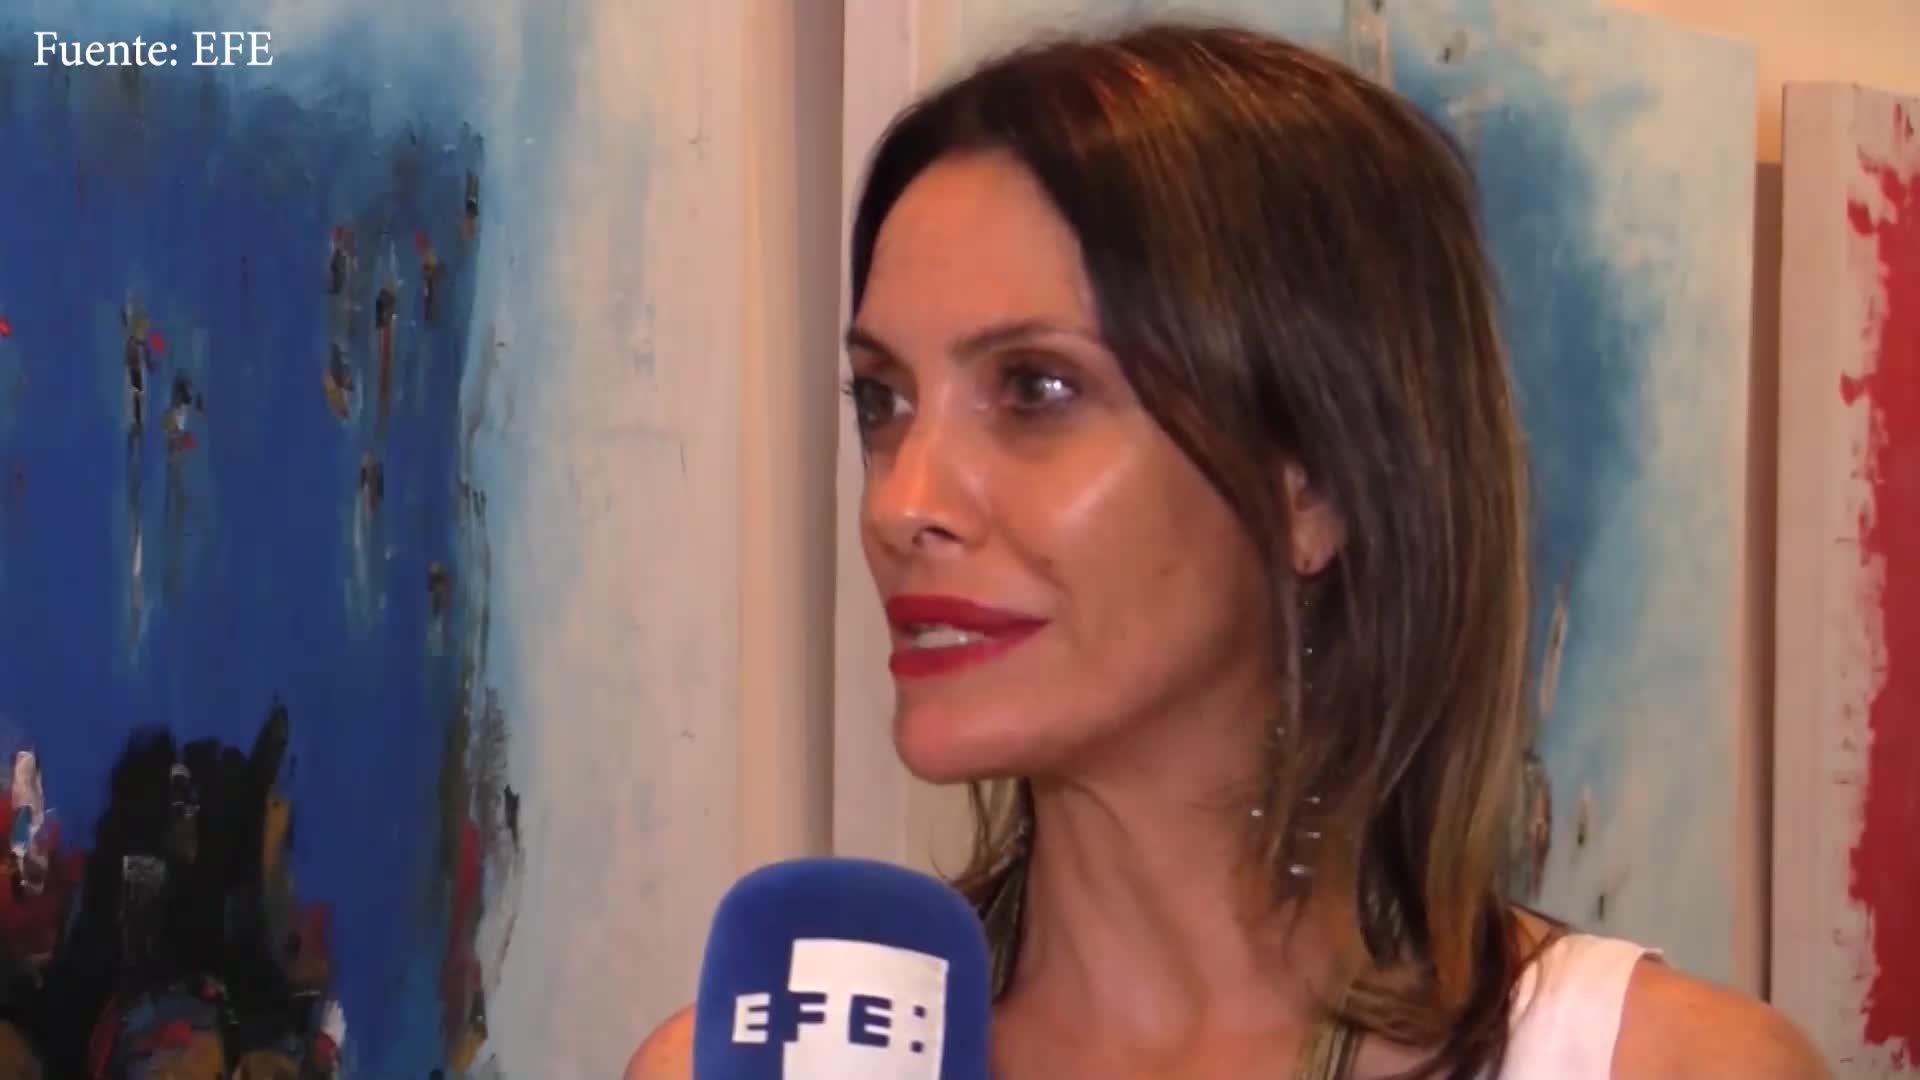 La artista uruguaya Lucía Bonfiglio expone su mensaje de paz en Brasil